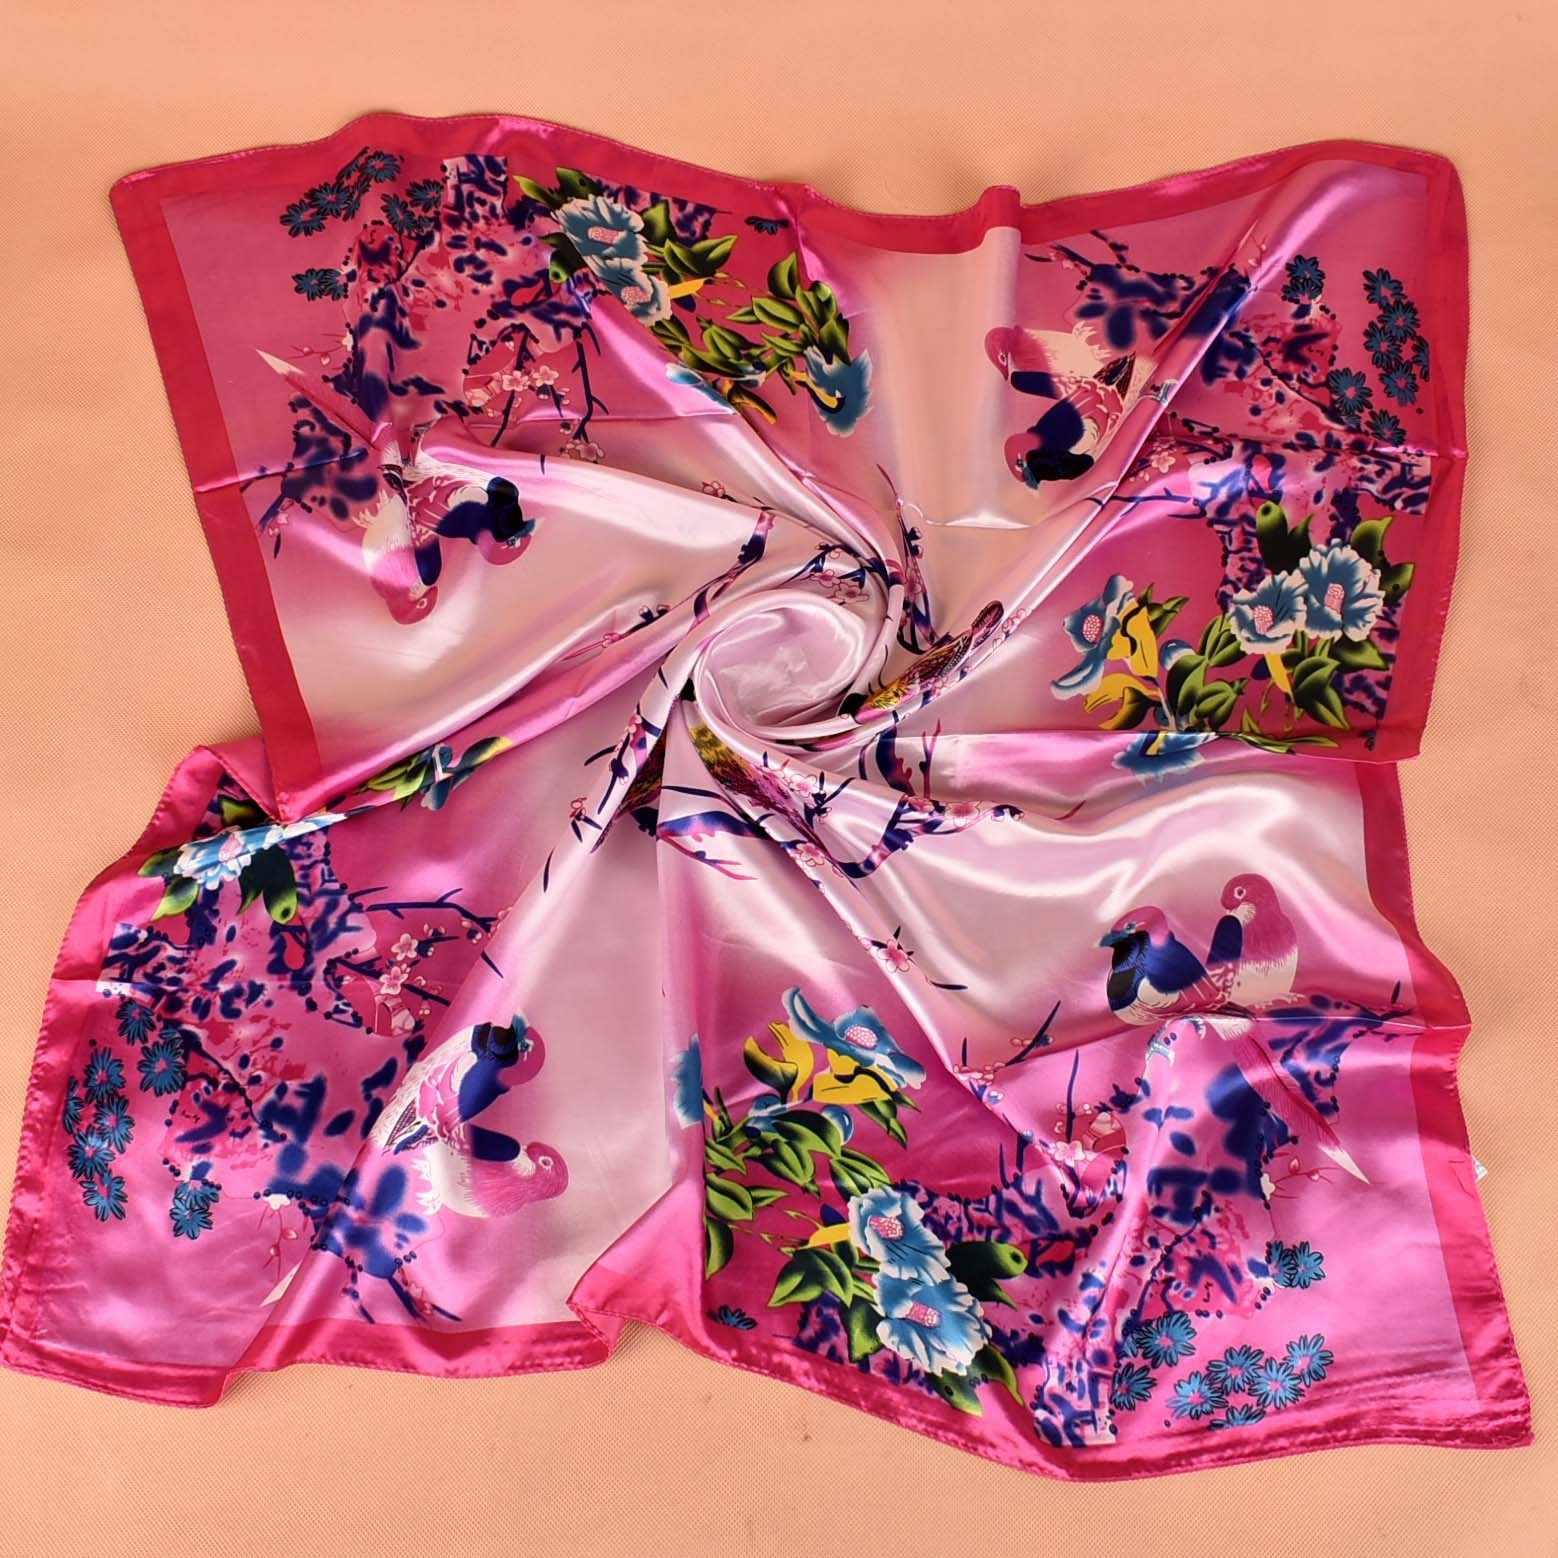 Sciarpe di modo Per Le Donne Dello Scialle di Stampa Raso di Seta Sciarpa Femminile 90 centimetri x 90 centimetri Di Lusso di Marca Piazza Hijab Scialli testa Sciarpe per le Signore